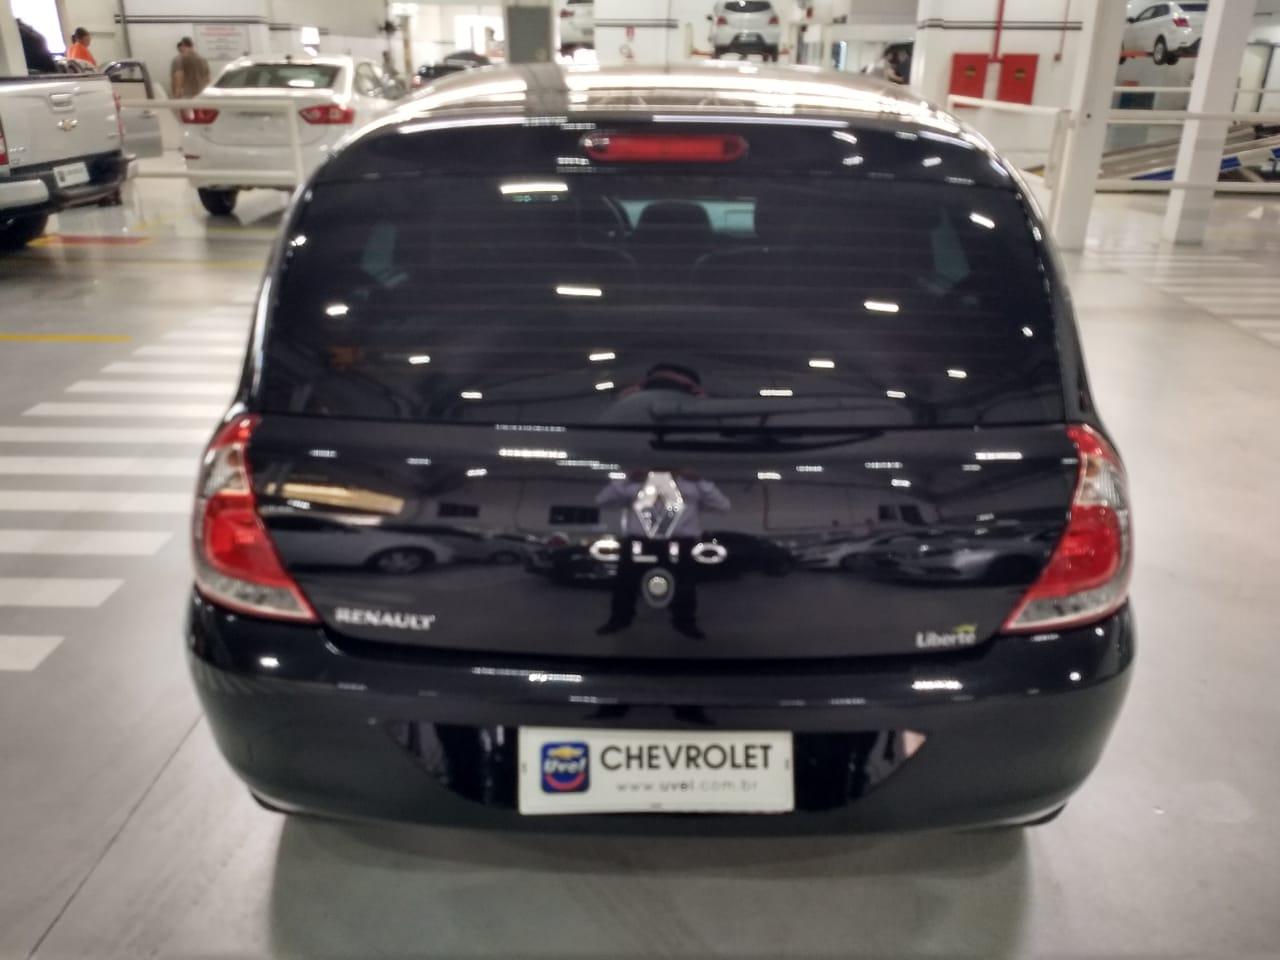 Renault Clio EXP 1.0L 2016